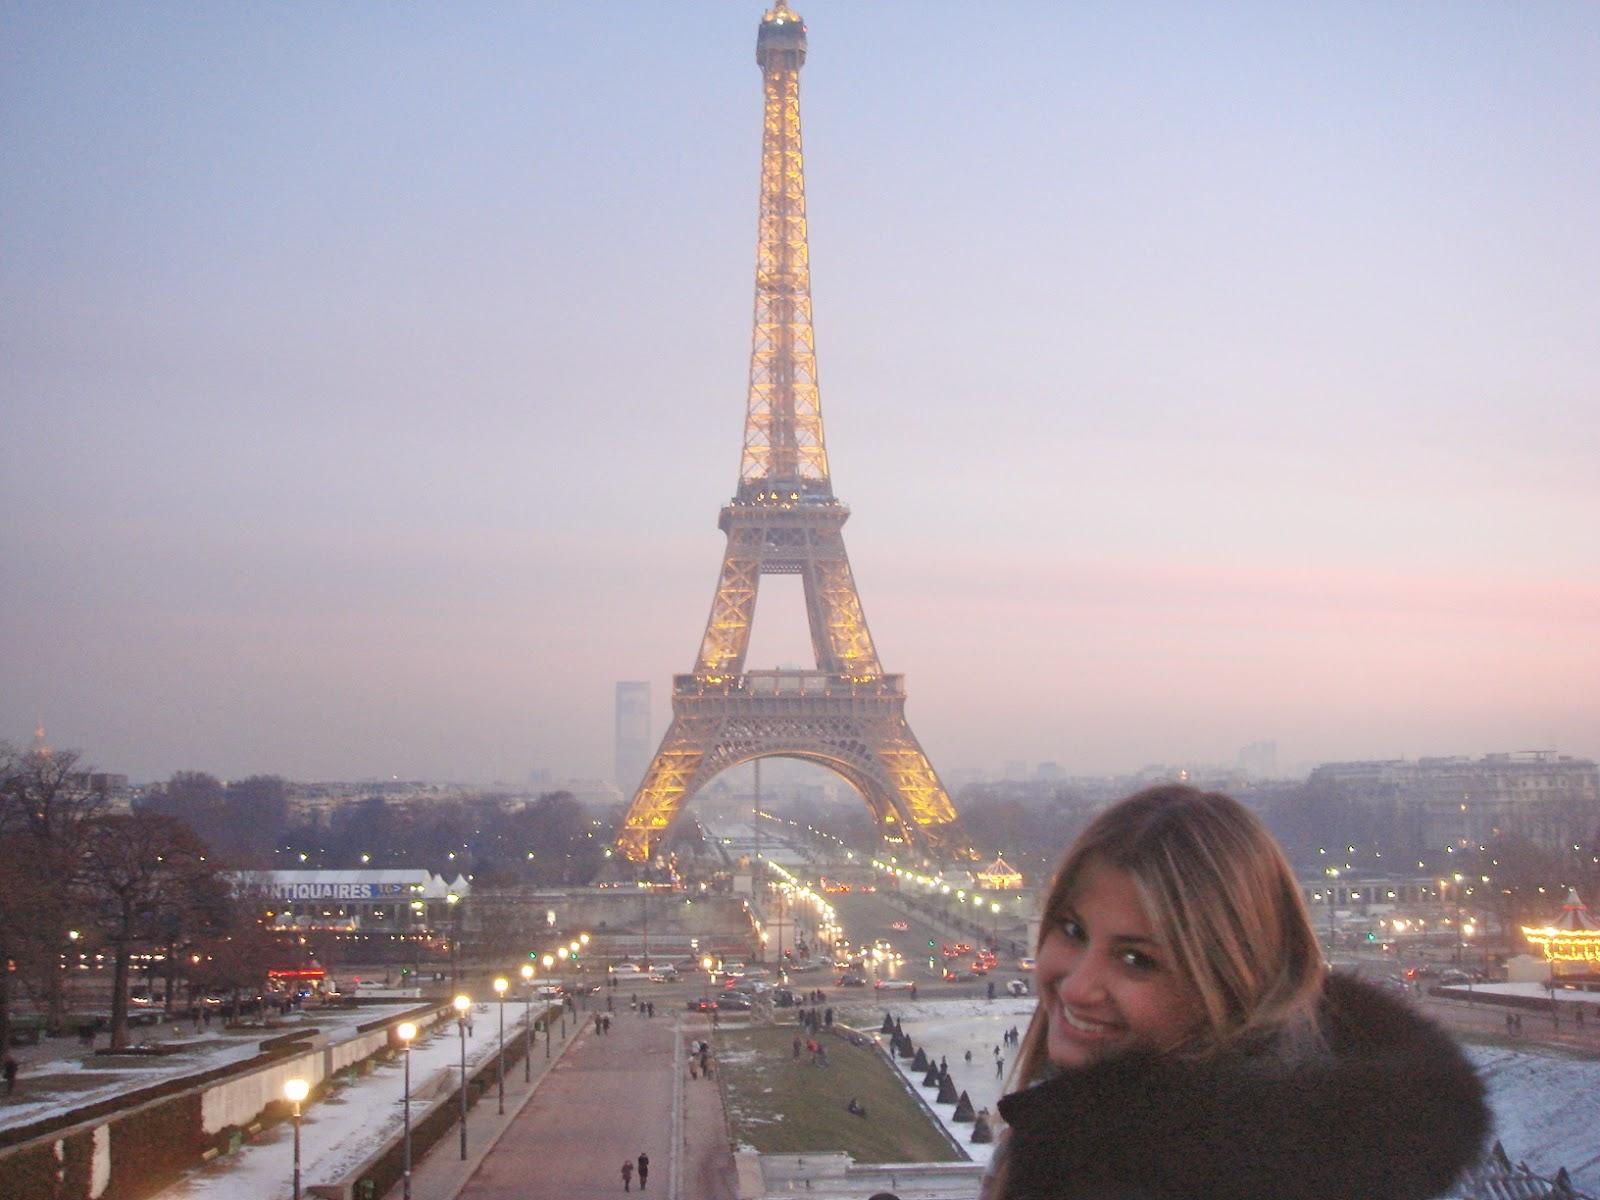 mulheres que viajam sozinhas lala rebelo paris